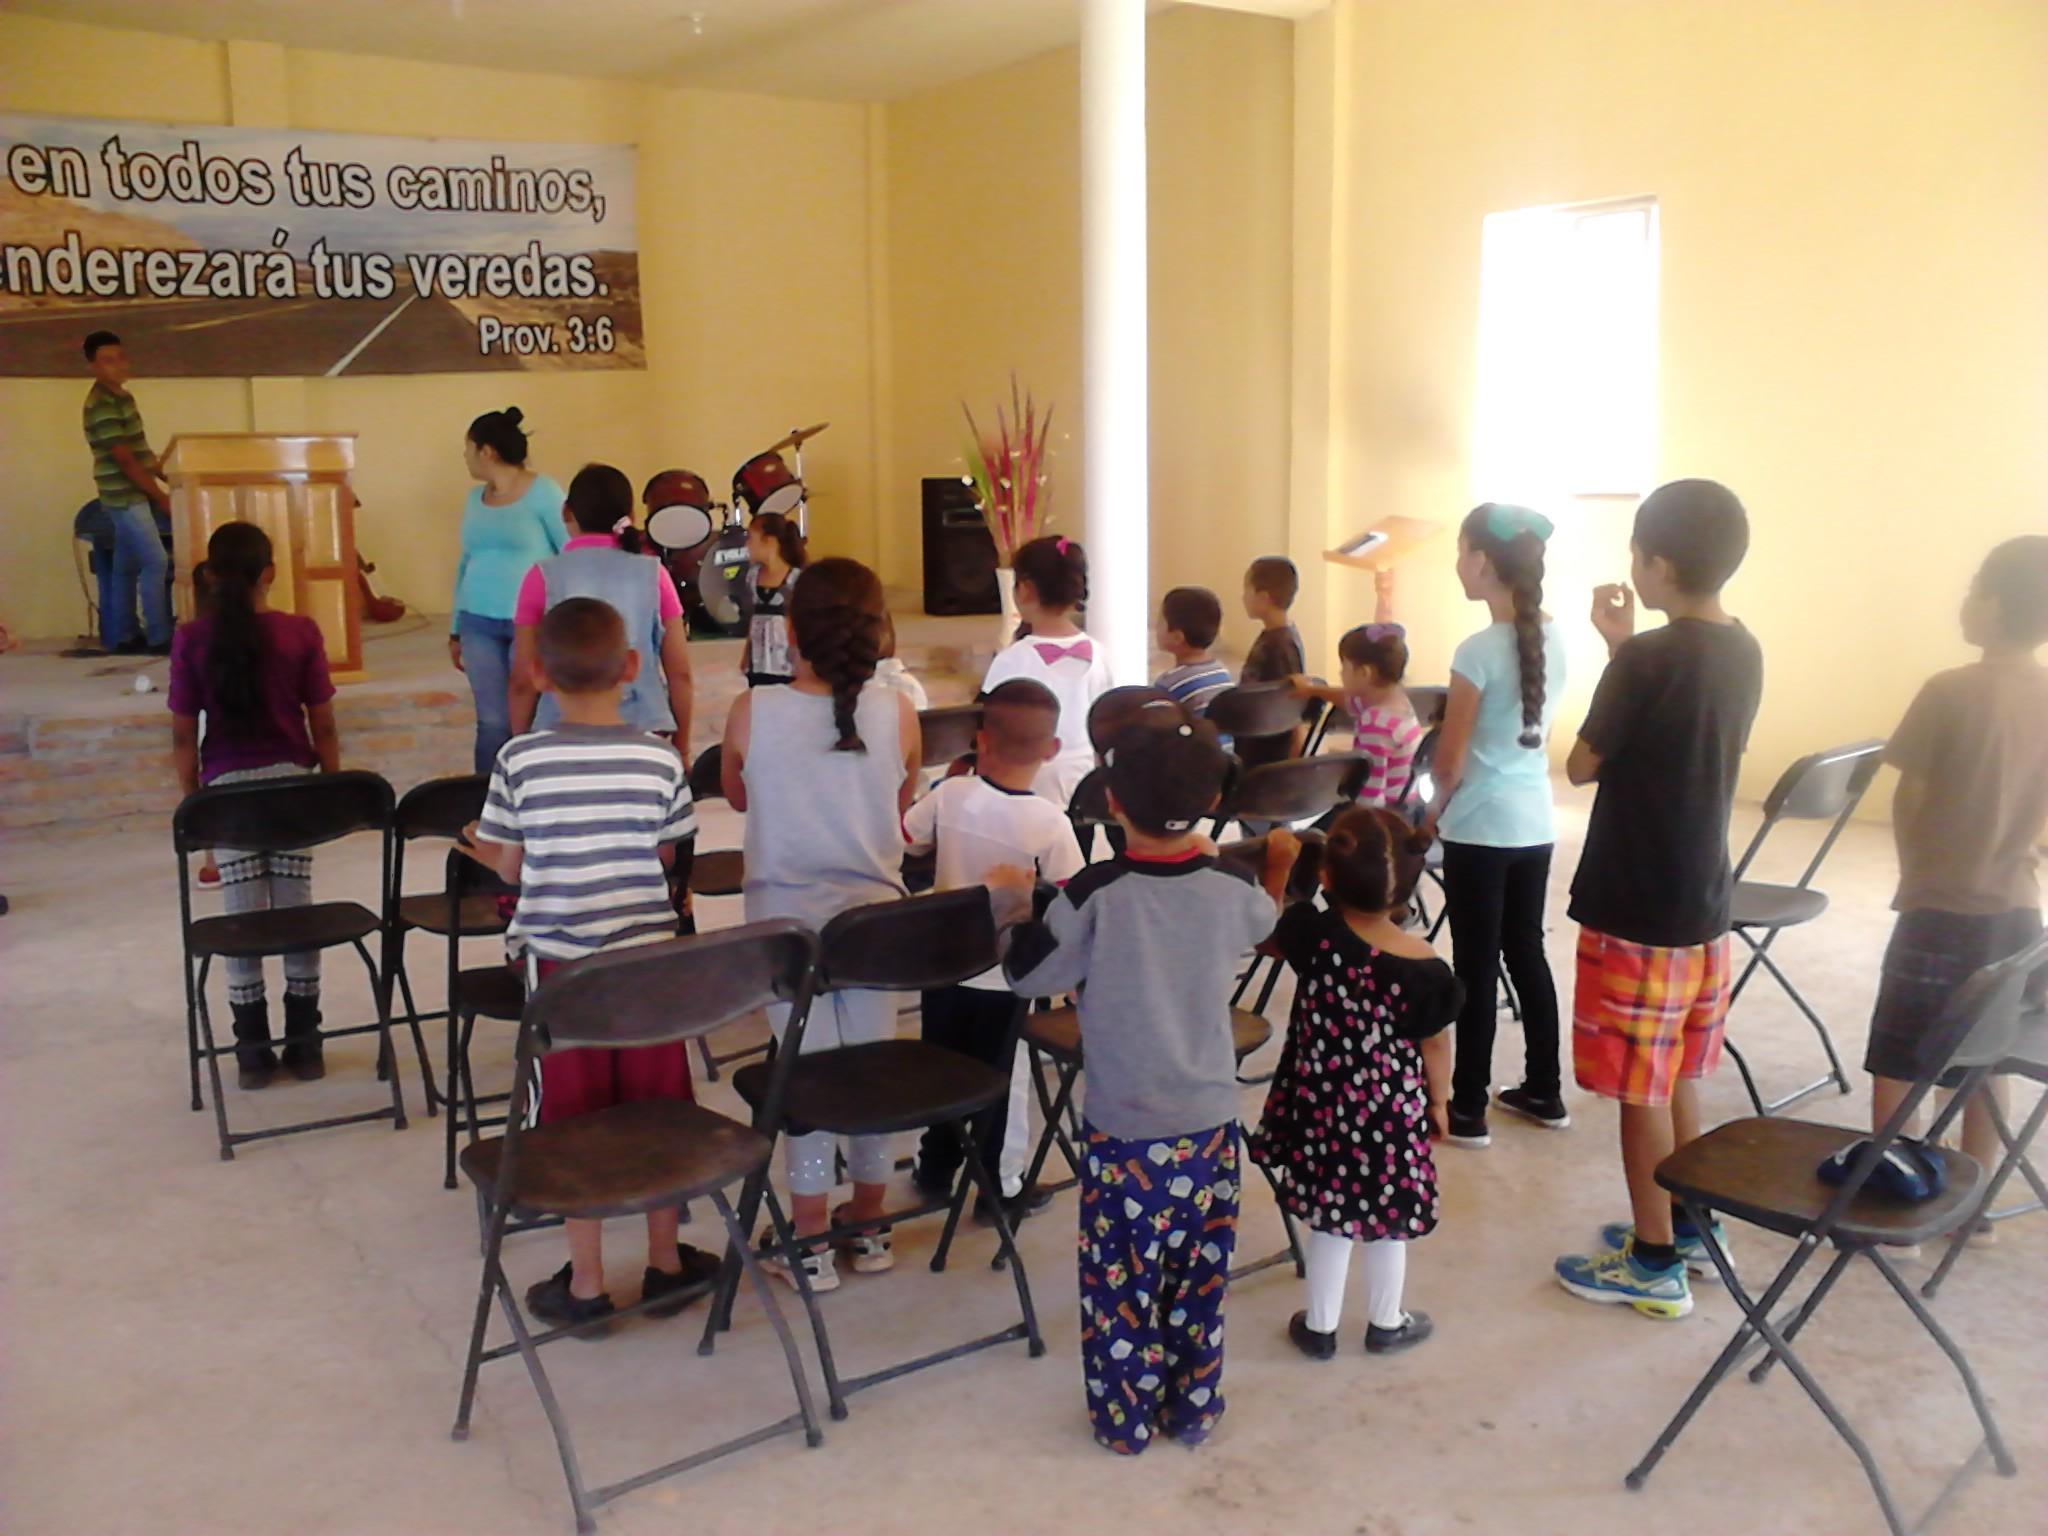 Un evento de los niños de la iglesia